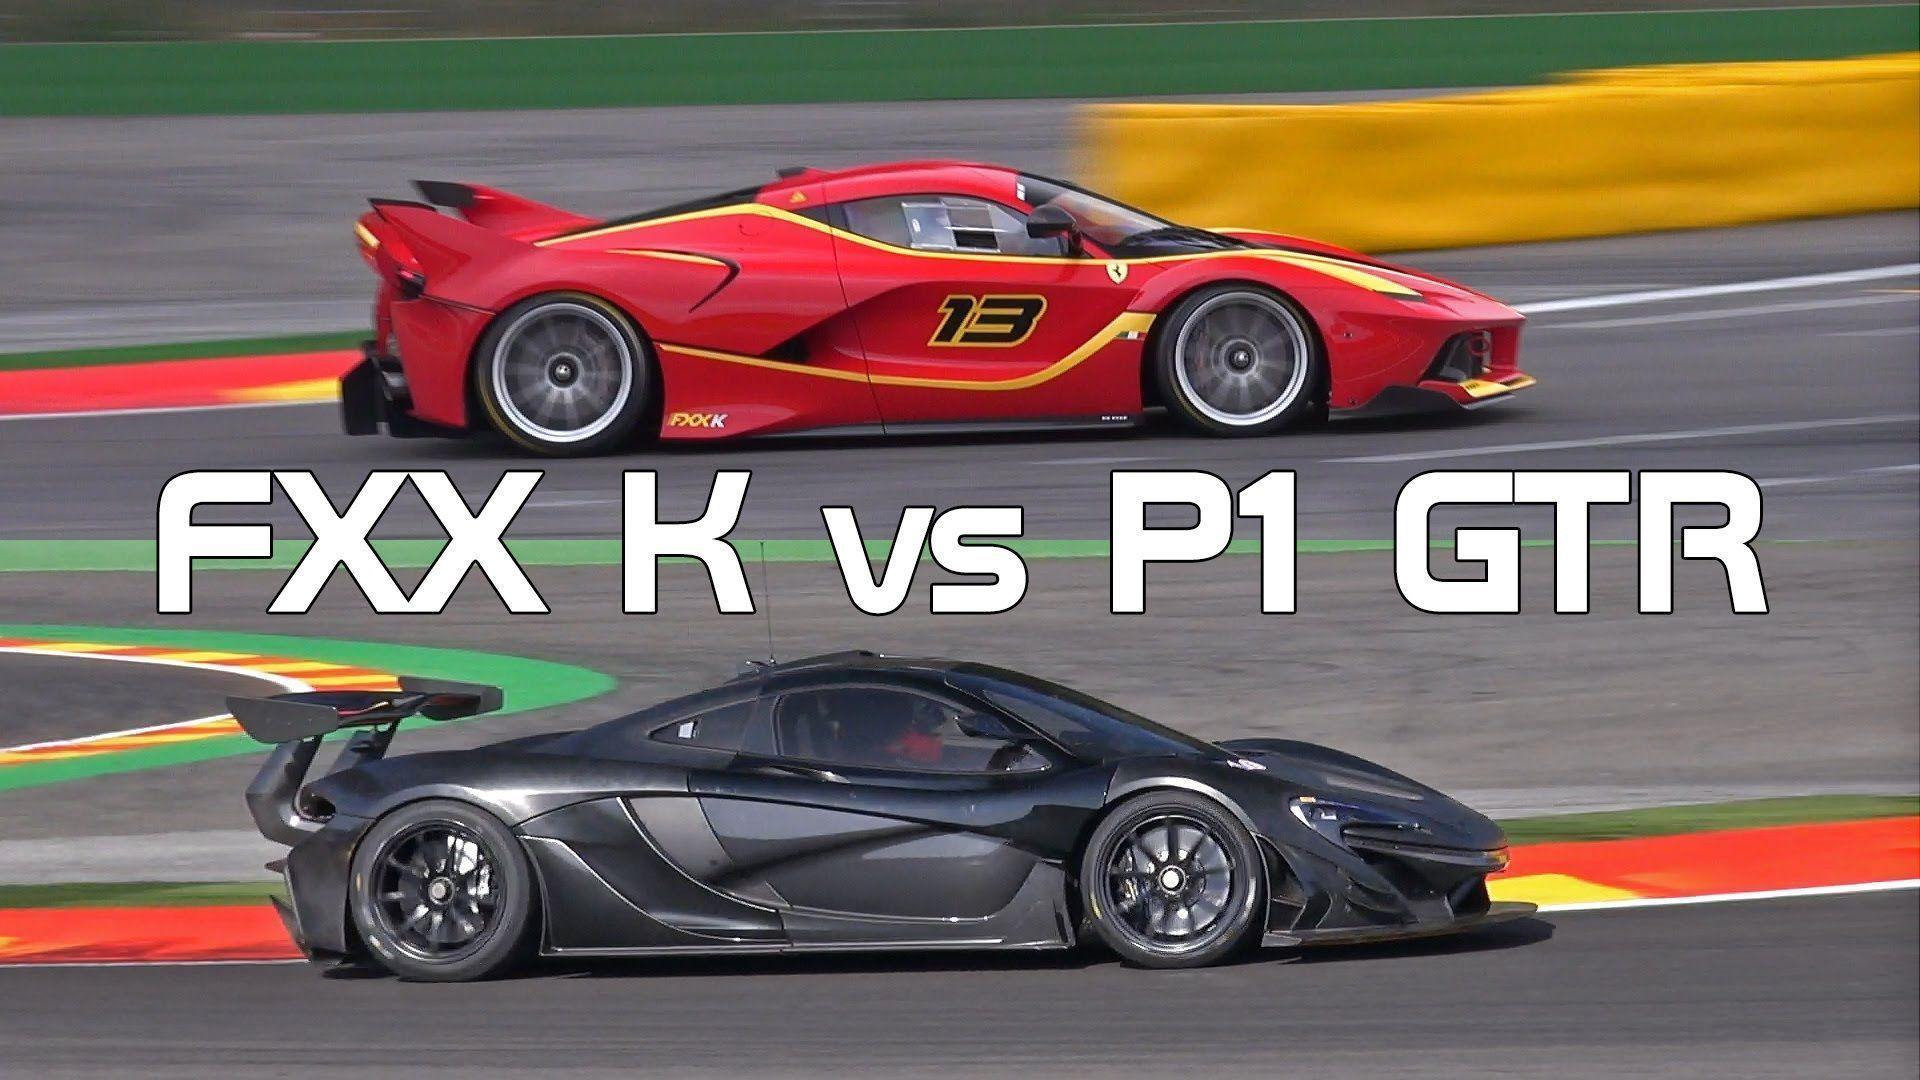 McLaren P1 GTR vs Ferrari FXX K - Sound Comparison! #ferrarifxx McLaren P1 GTR vs Ferrari FXX K - Sound Comparison! #mclarenp1 McLaren P1 GTR vs Ferrari FXX K - Sound Comparison! #ferrarifxx McLaren P1 GTR vs Ferrari FXX K - Sound Comparison! #mclarenp1 McLaren P1 GTR vs Ferrari FXX K - Sound Comparison! #ferrarifxx McLaren P1 GTR vs Ferrari FXX K - Sound Comparison! #mclarenp1 McLaren P1 GTR vs Ferrari FXX K - Sound Comparison! #ferrarifxx McLaren P1 GTR vs Ferrari FXX K - Sound Comparison! #mc #mclarenp1